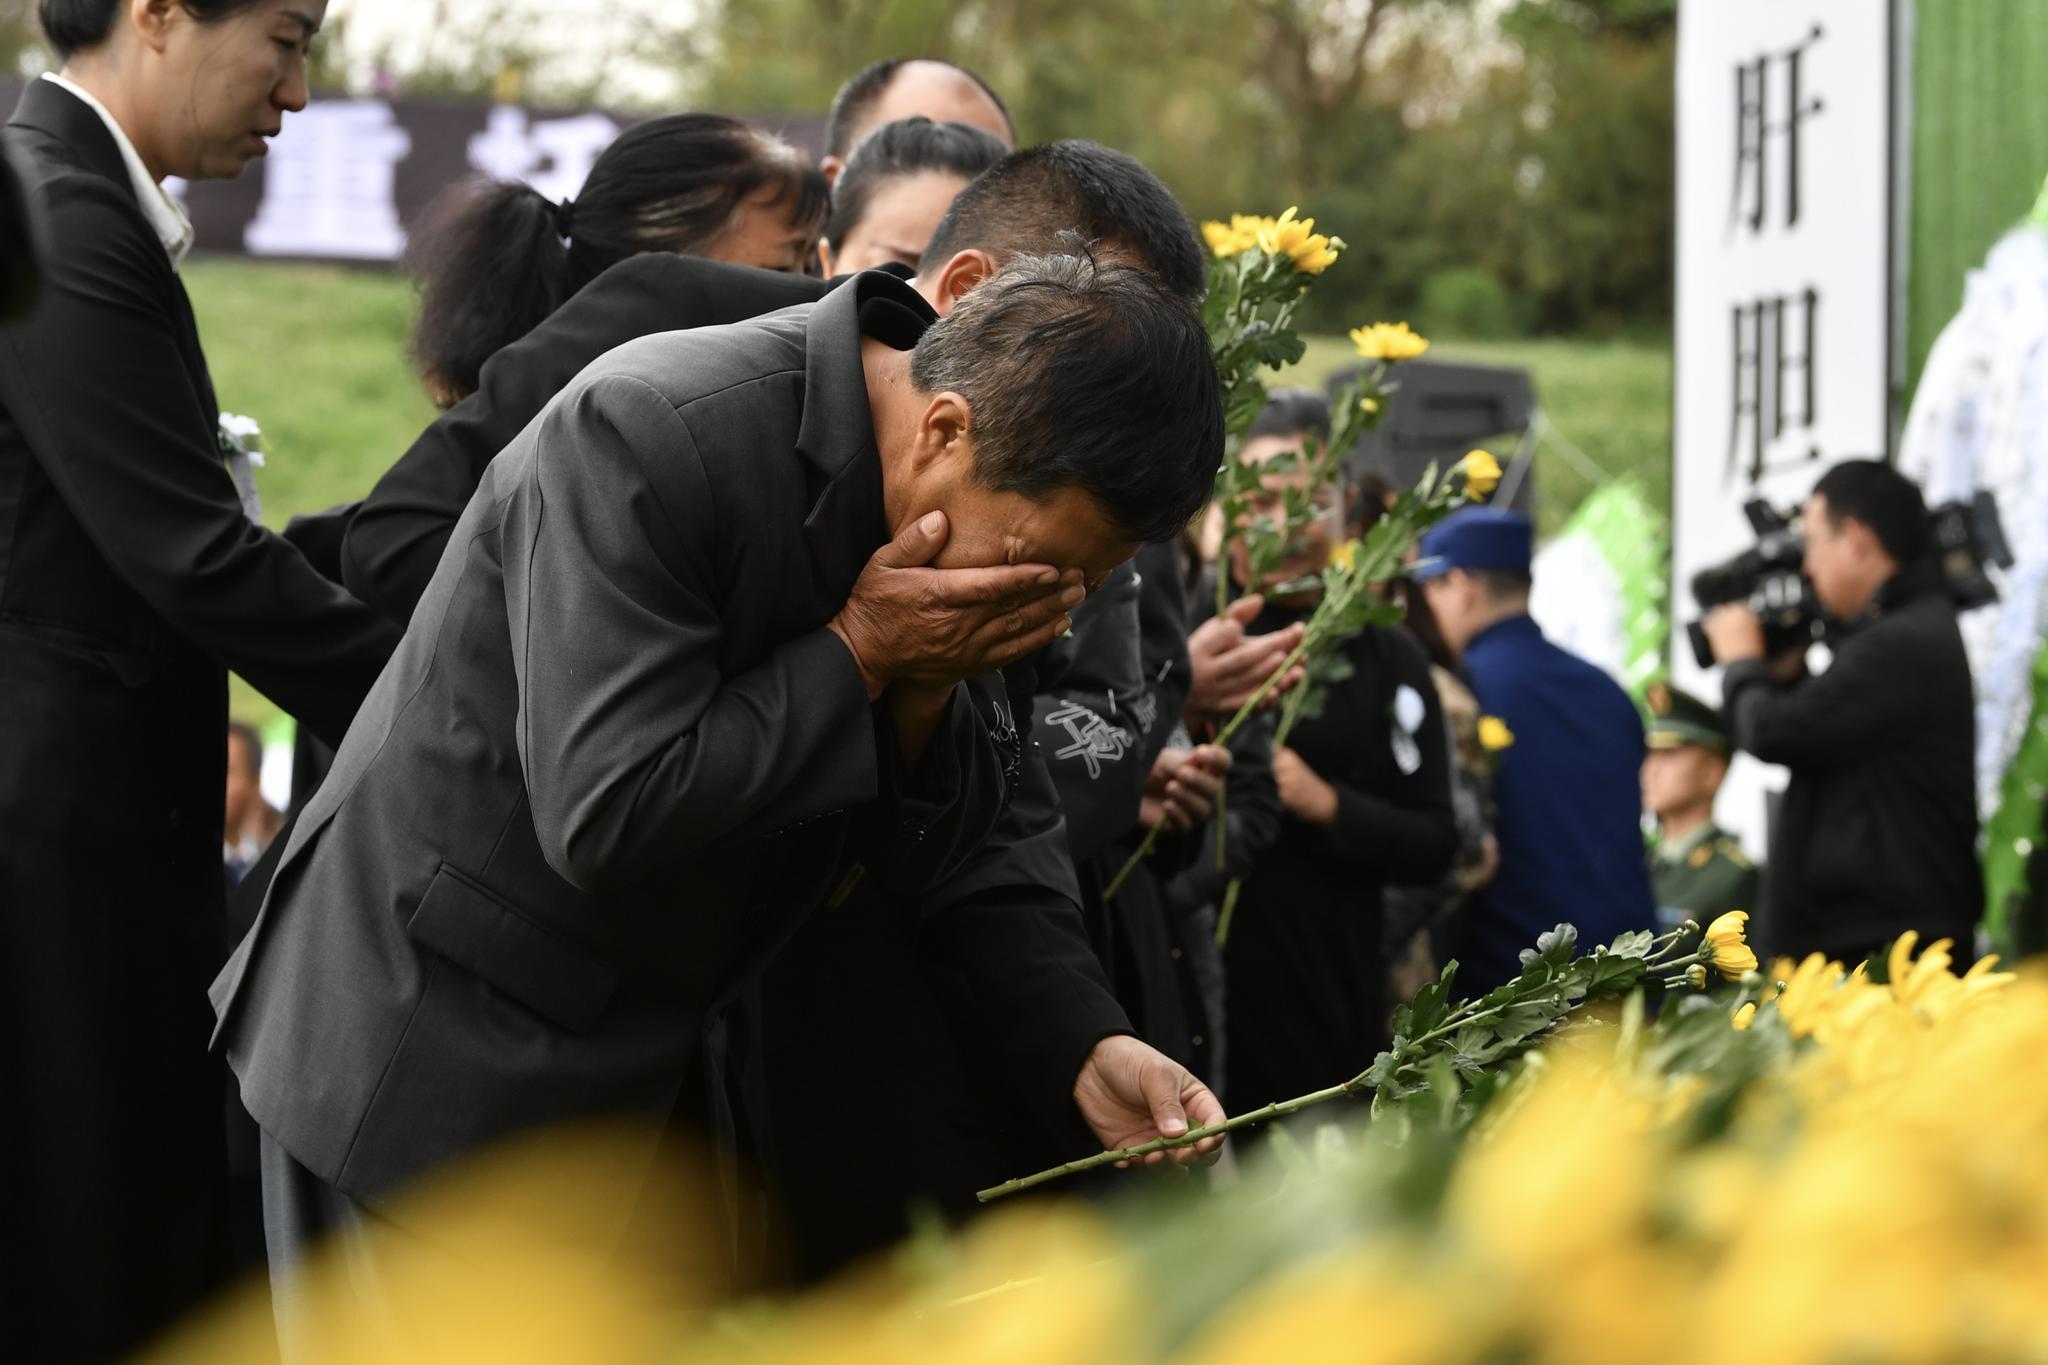 烈士家属失声痛哭。新京报记者吴江 摄